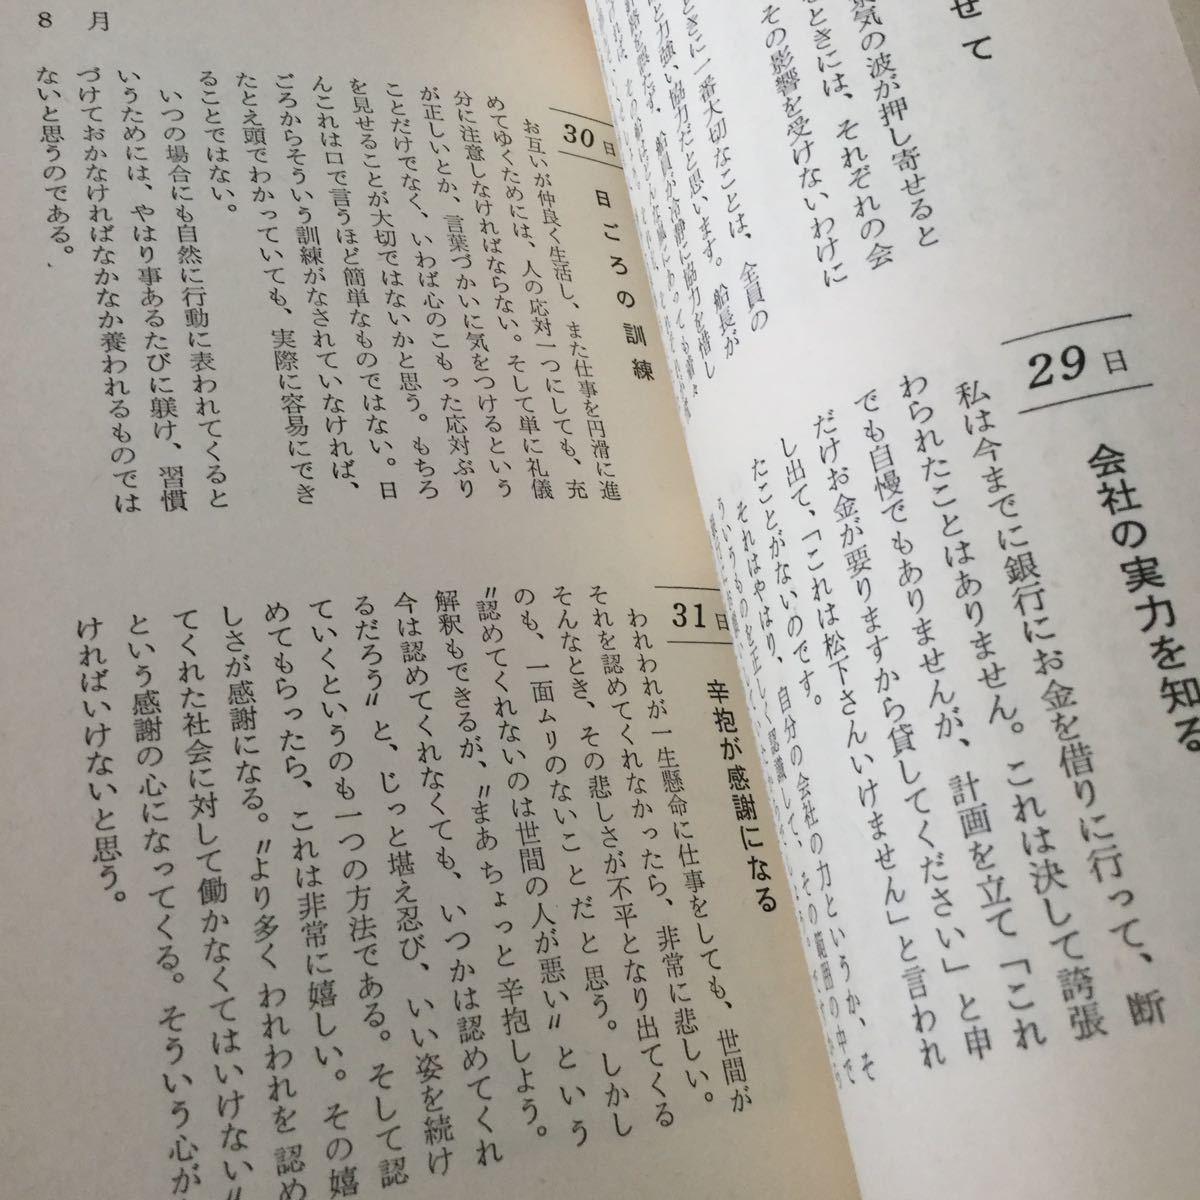 42 松下幸之助一日一話 仕事の知恵 人生の知恵 PHP研究所編 経営のコツ 経営者 生き方 考え方 PHP A022 本 小説 日本作家 日本小説 哲学_画像4